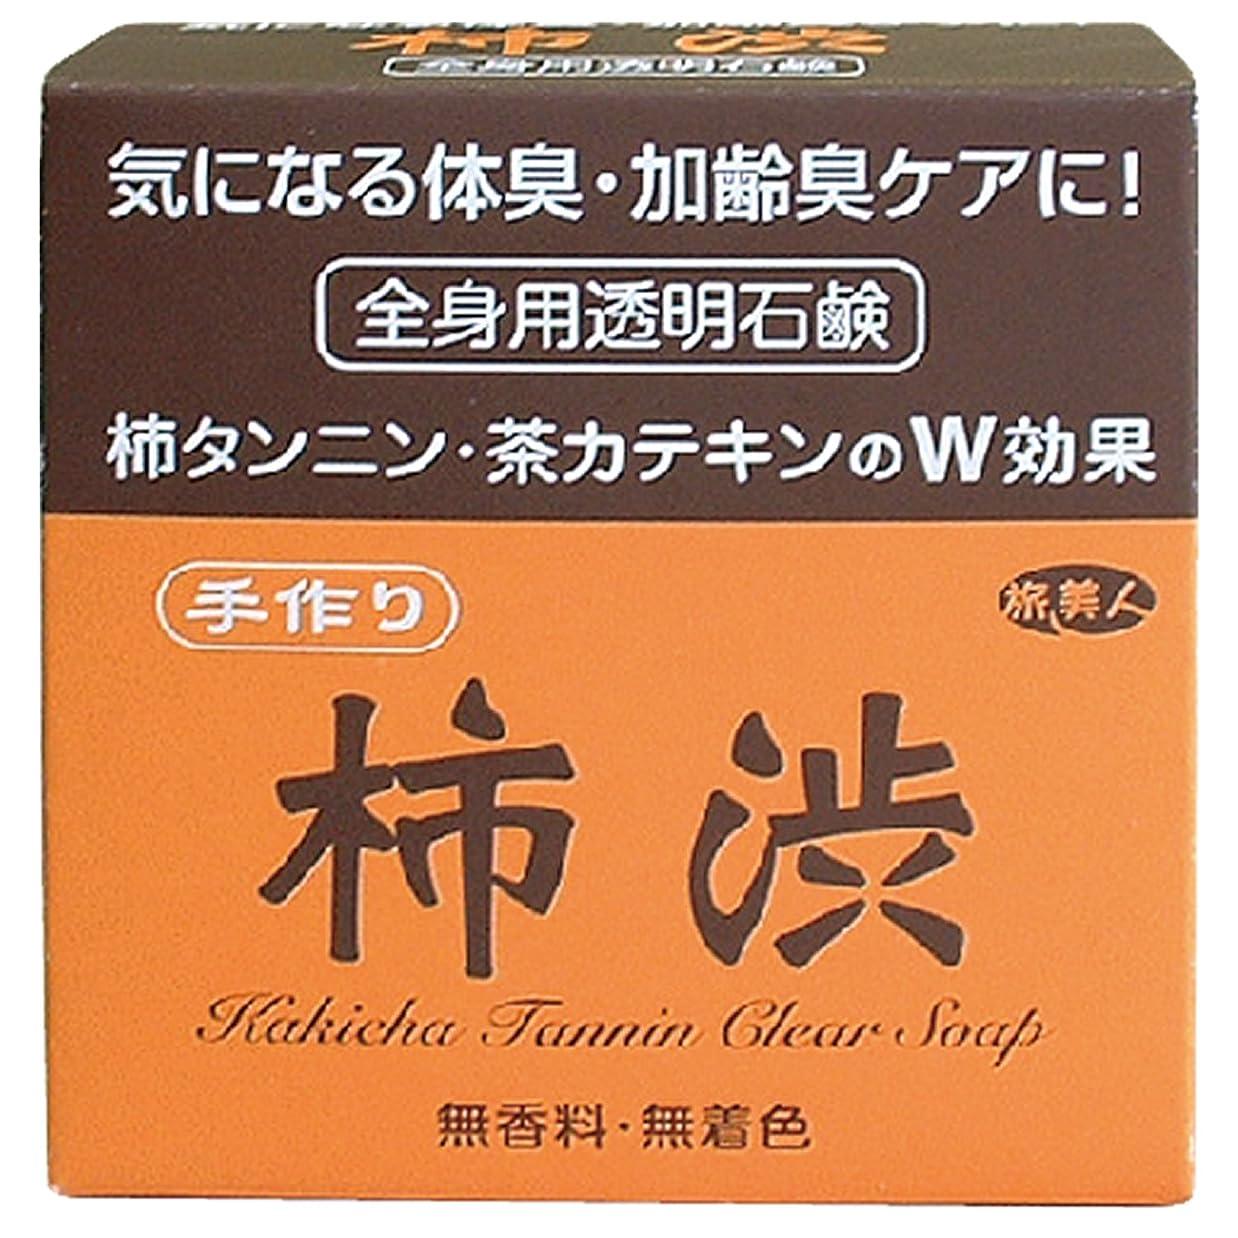 コーンどこにも免疫する気になる体臭?加齢臭ケアに アズマ商事の手作り柿渋透明石鹸